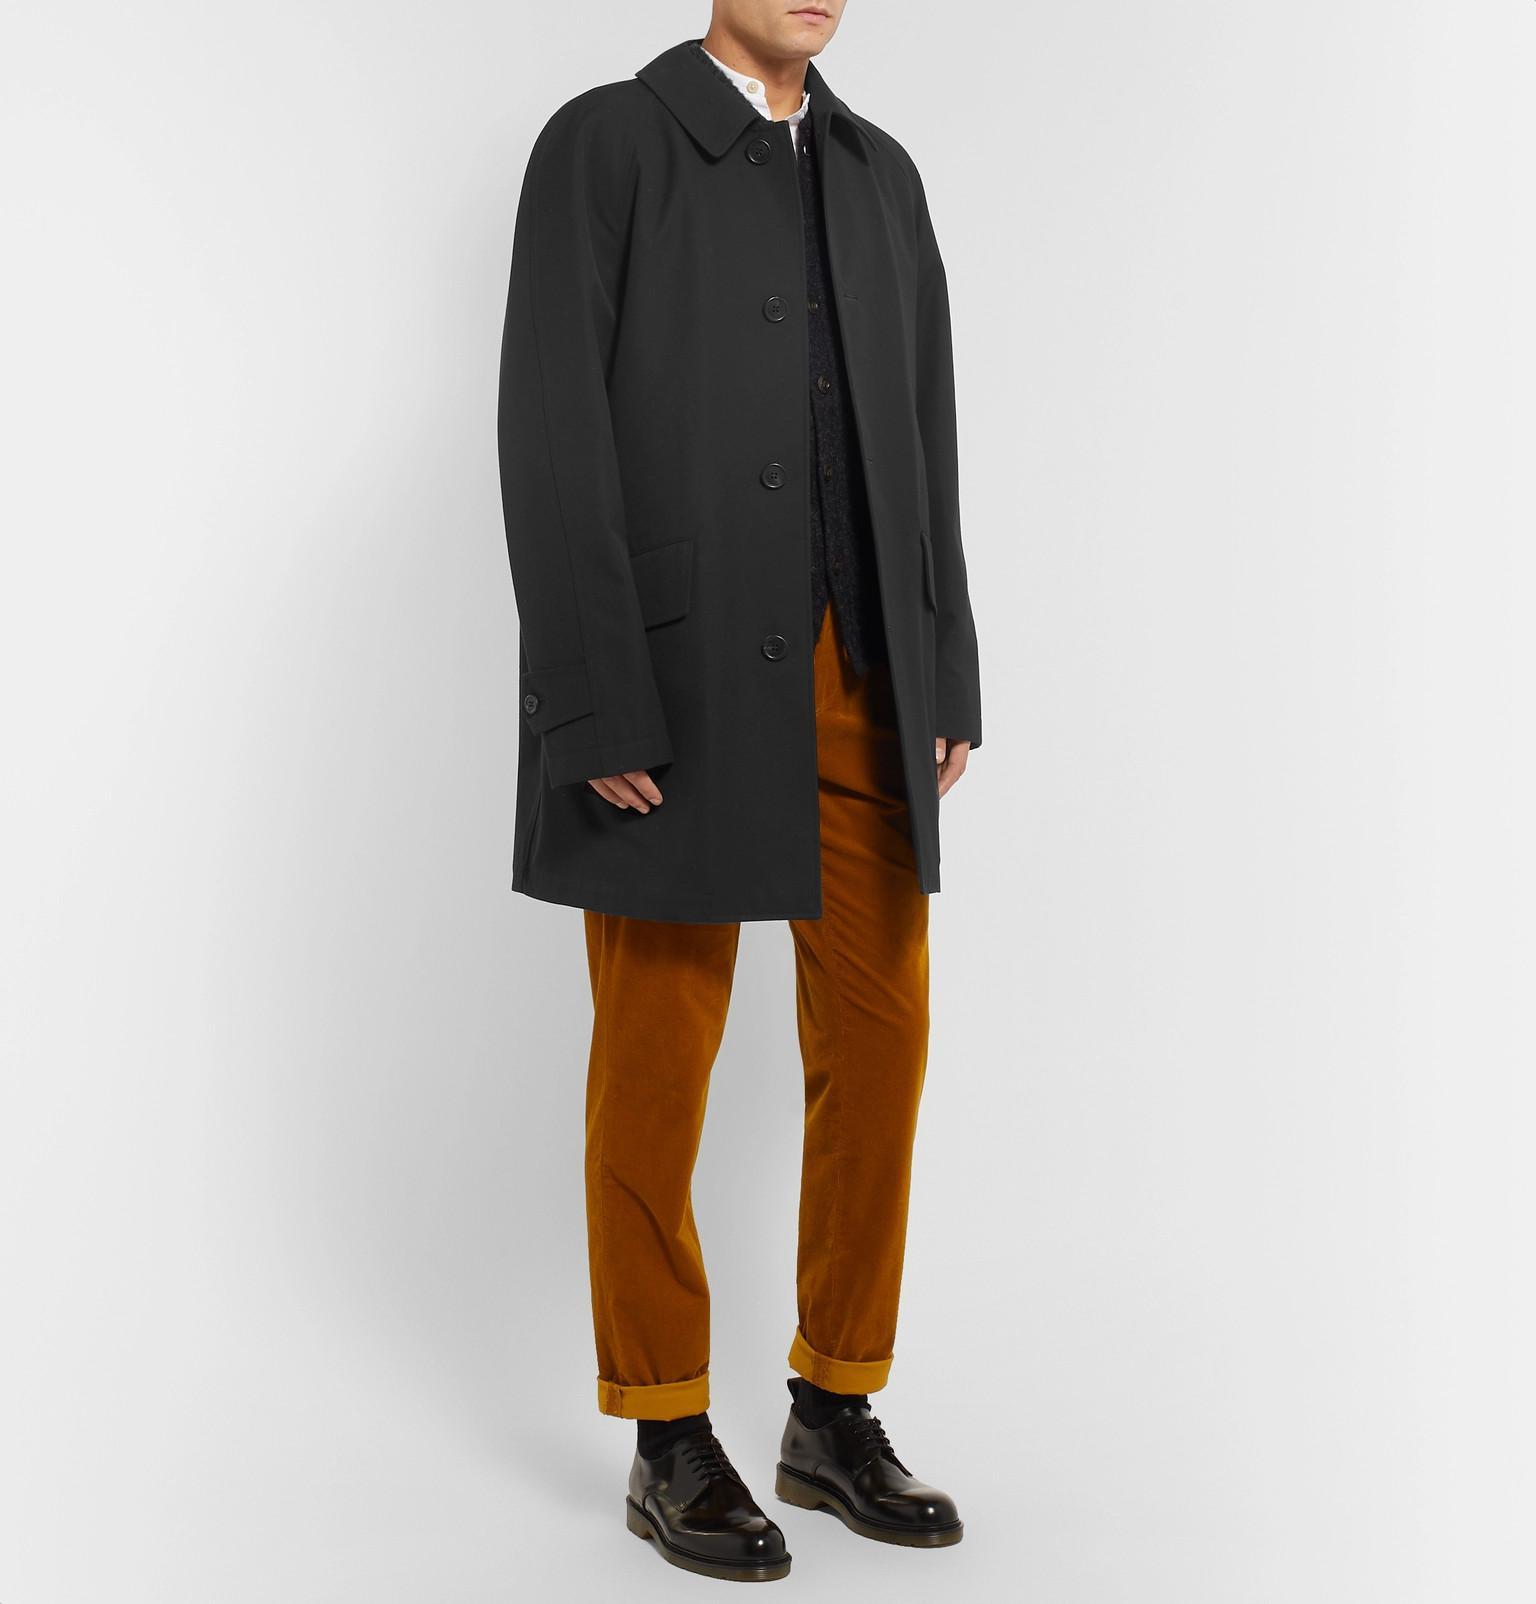 Cotton Margaret Gabardine Raincoat For Lyst View Howell Men Fullscreen Wool Blend Black And ZrIY6rq